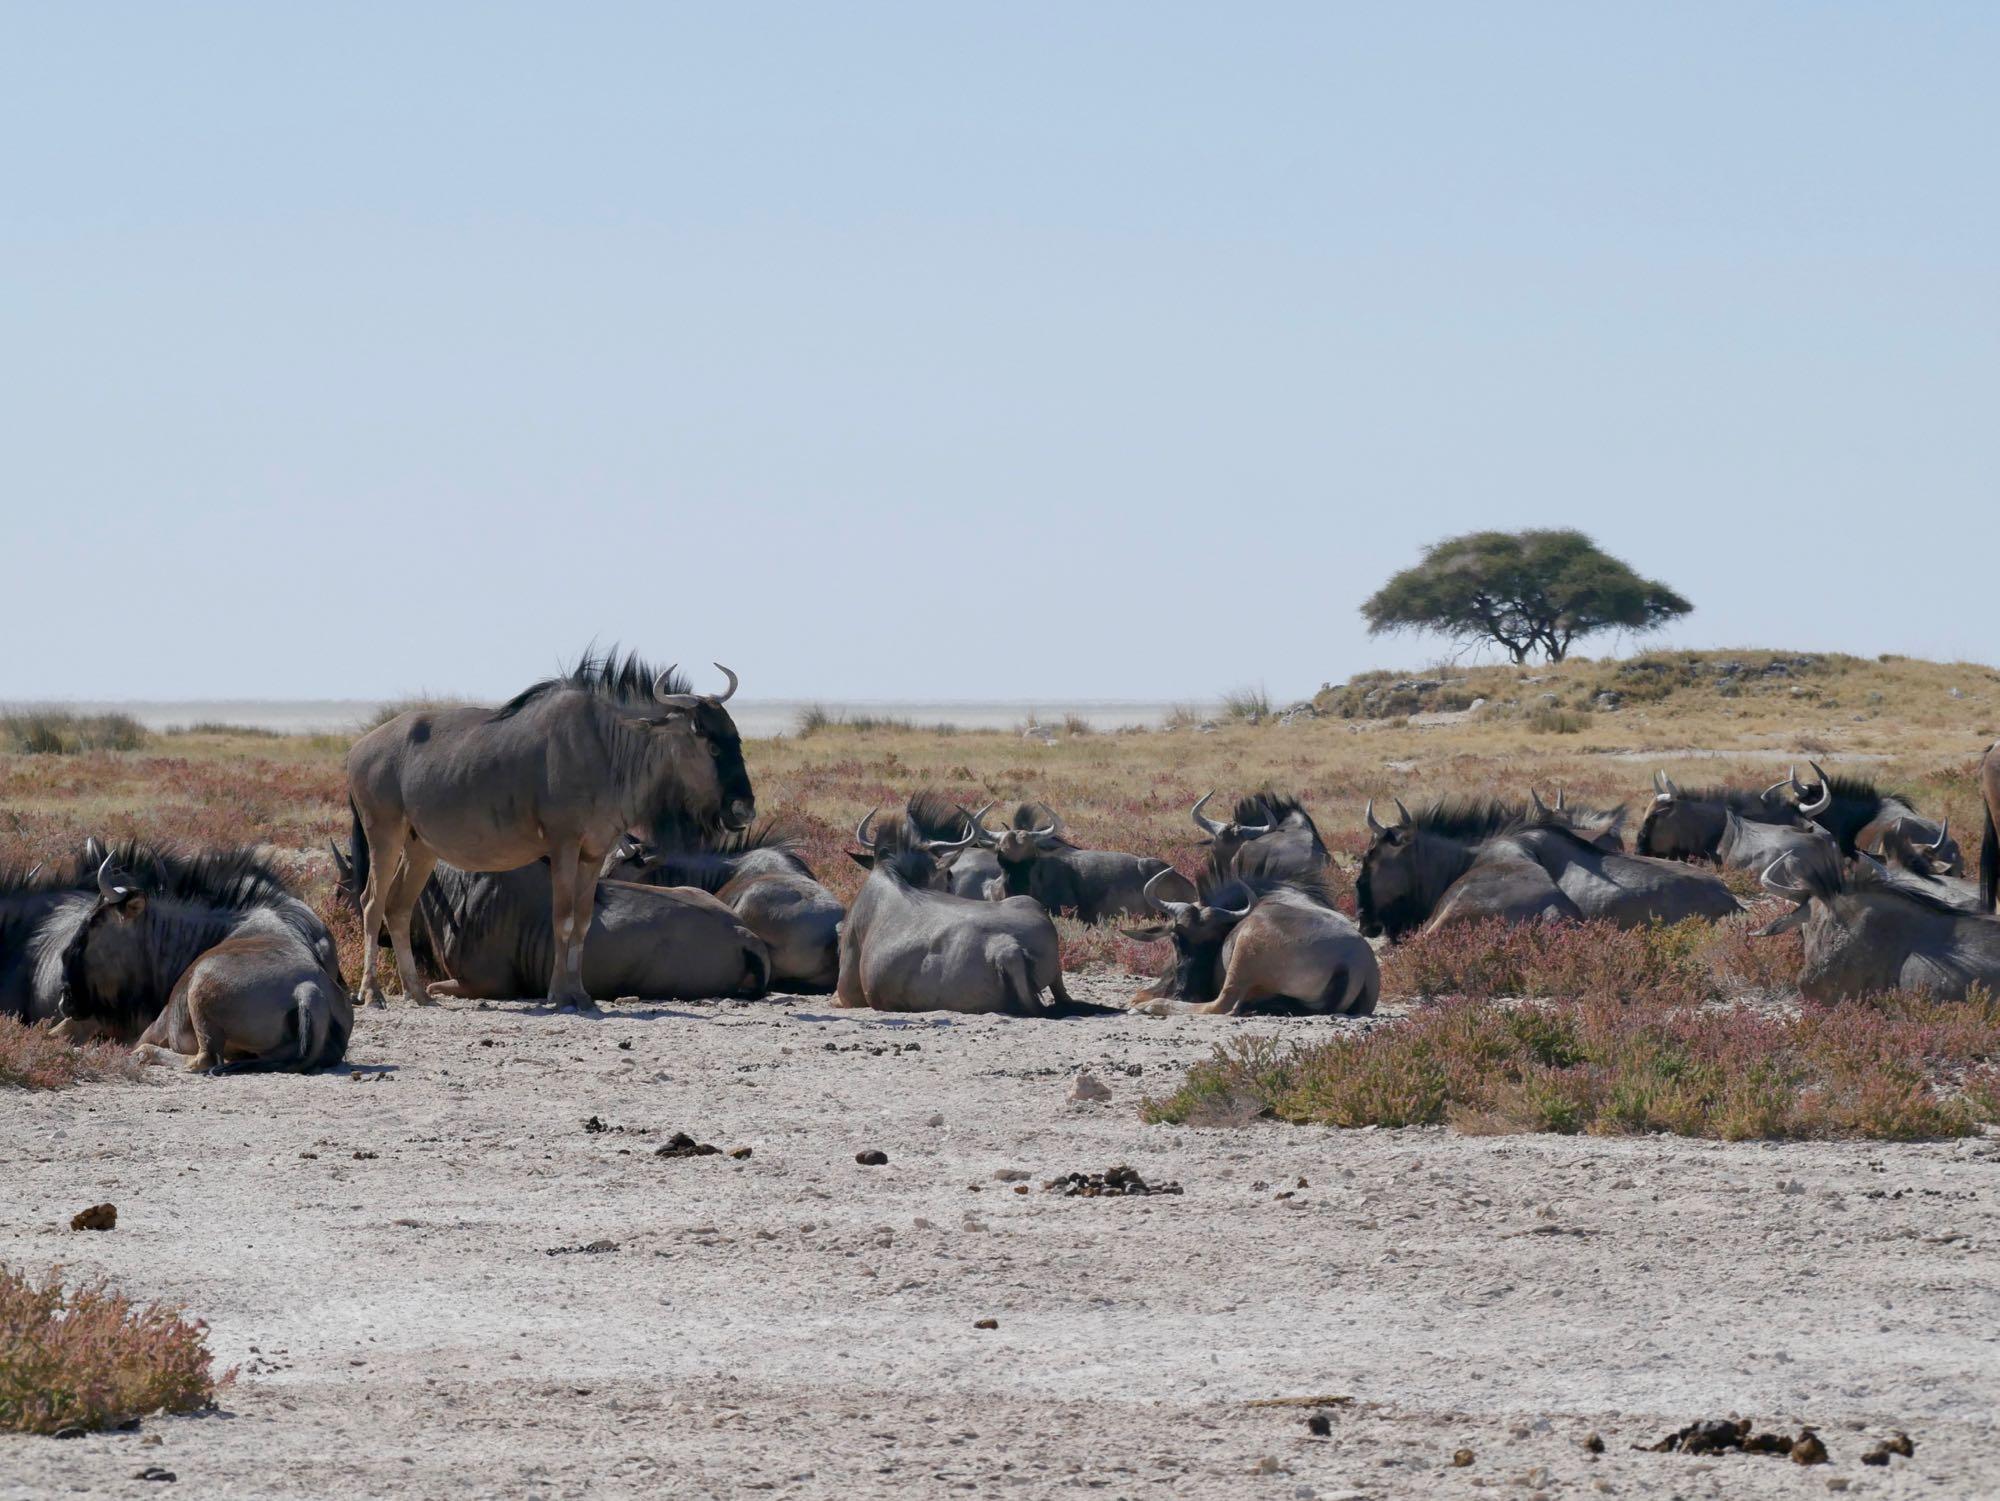 Des gnous à Etosha